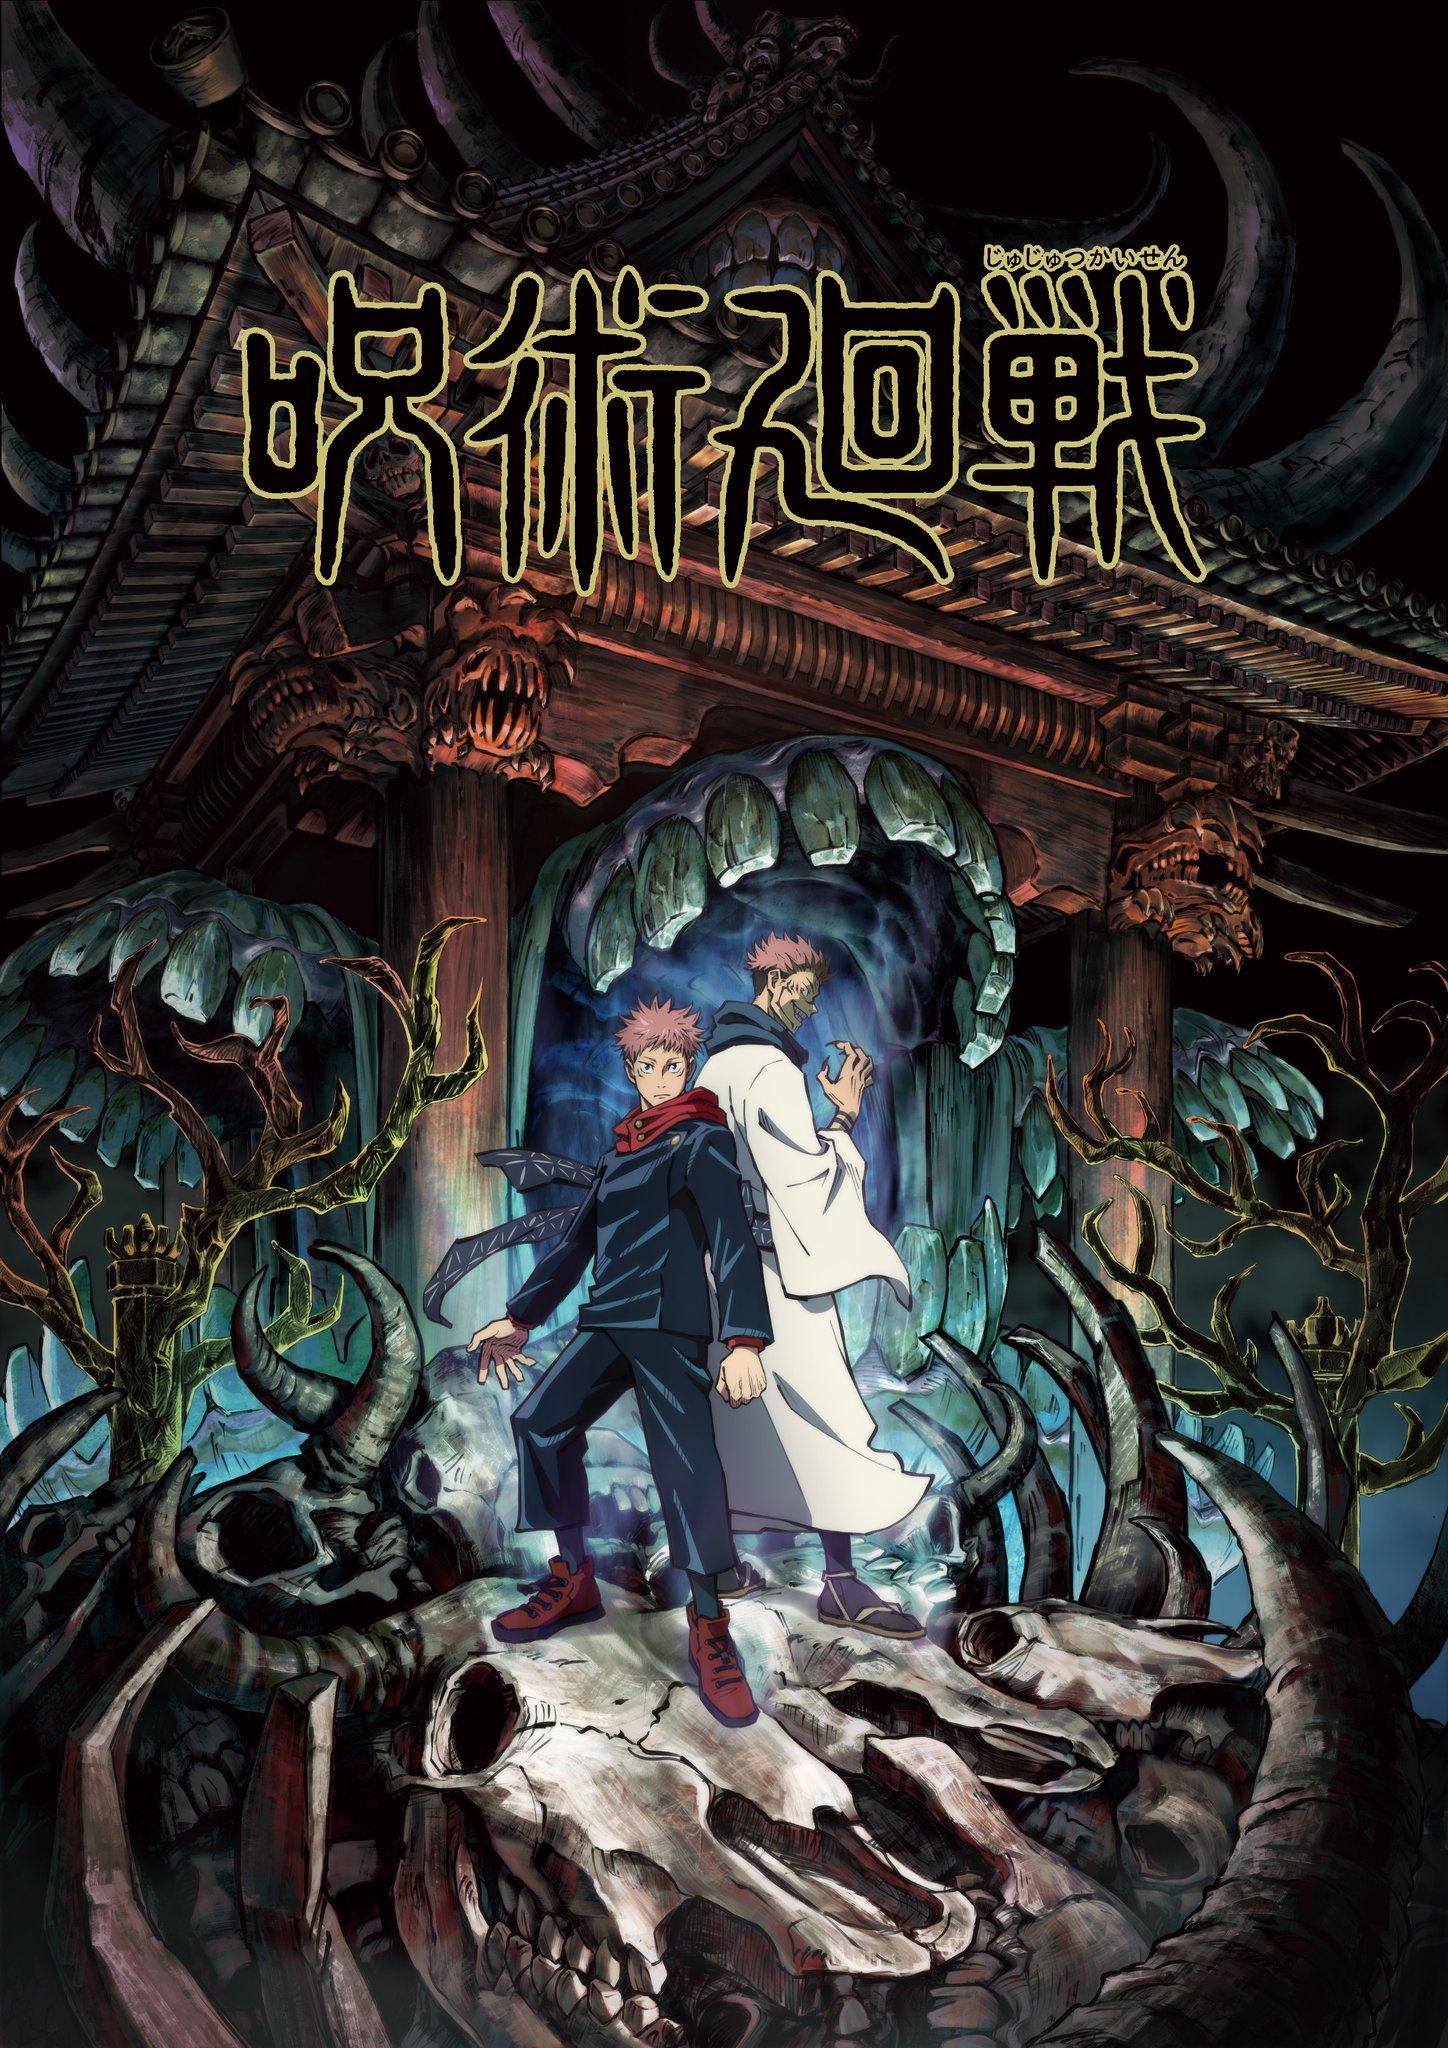 TVアニメ『呪術廻戦』虎杖・伏黒・釘崎・五条のキャラムービー公開!台詞×アニメーションのスタイリッシュな仕上がり